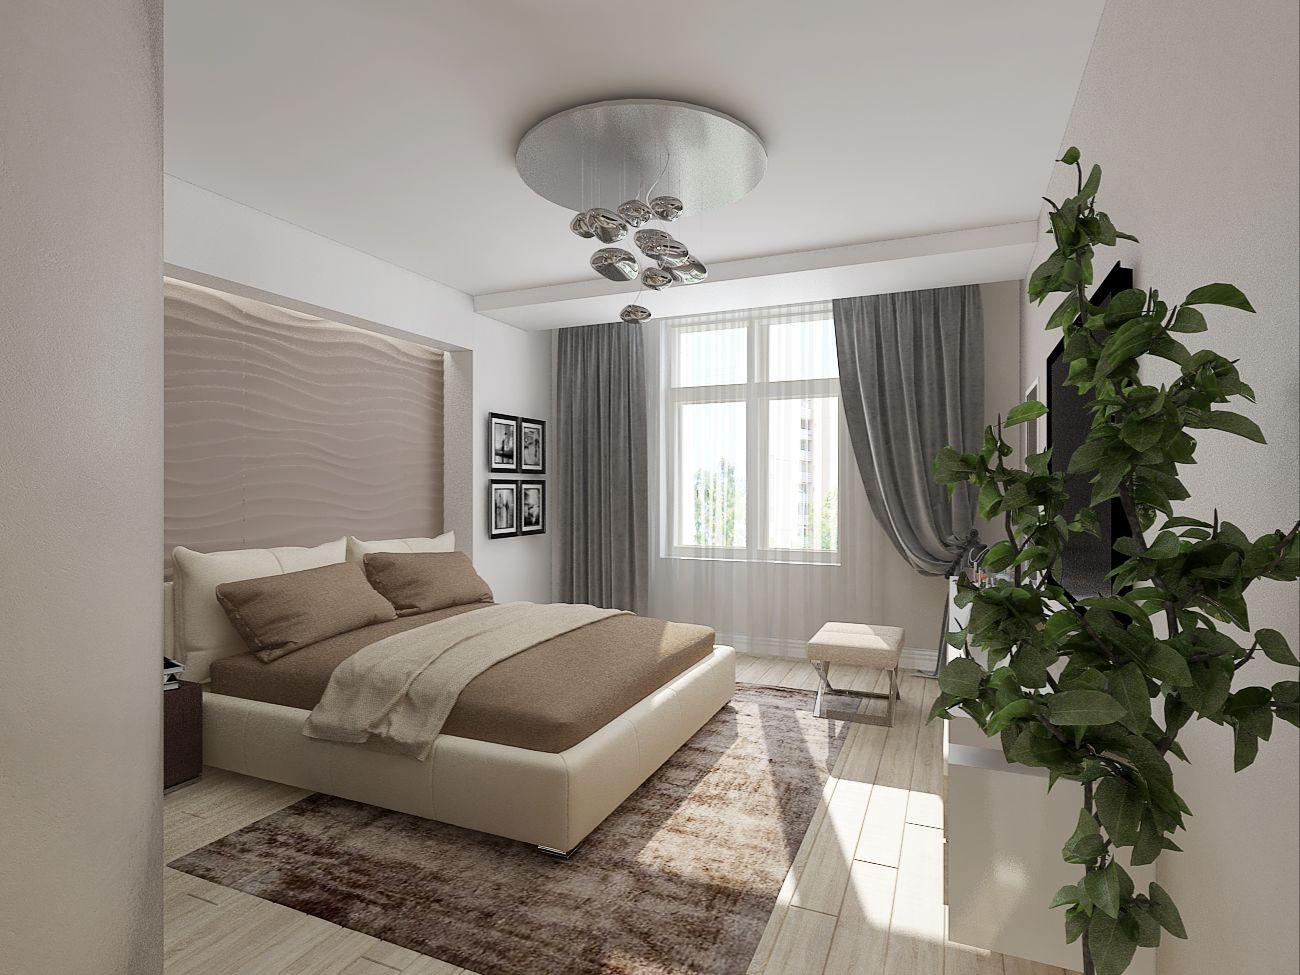 10*10 bedroom interior Квартира в г Мытищи  Дизайн студия Евгении Ермолаевой Картинка